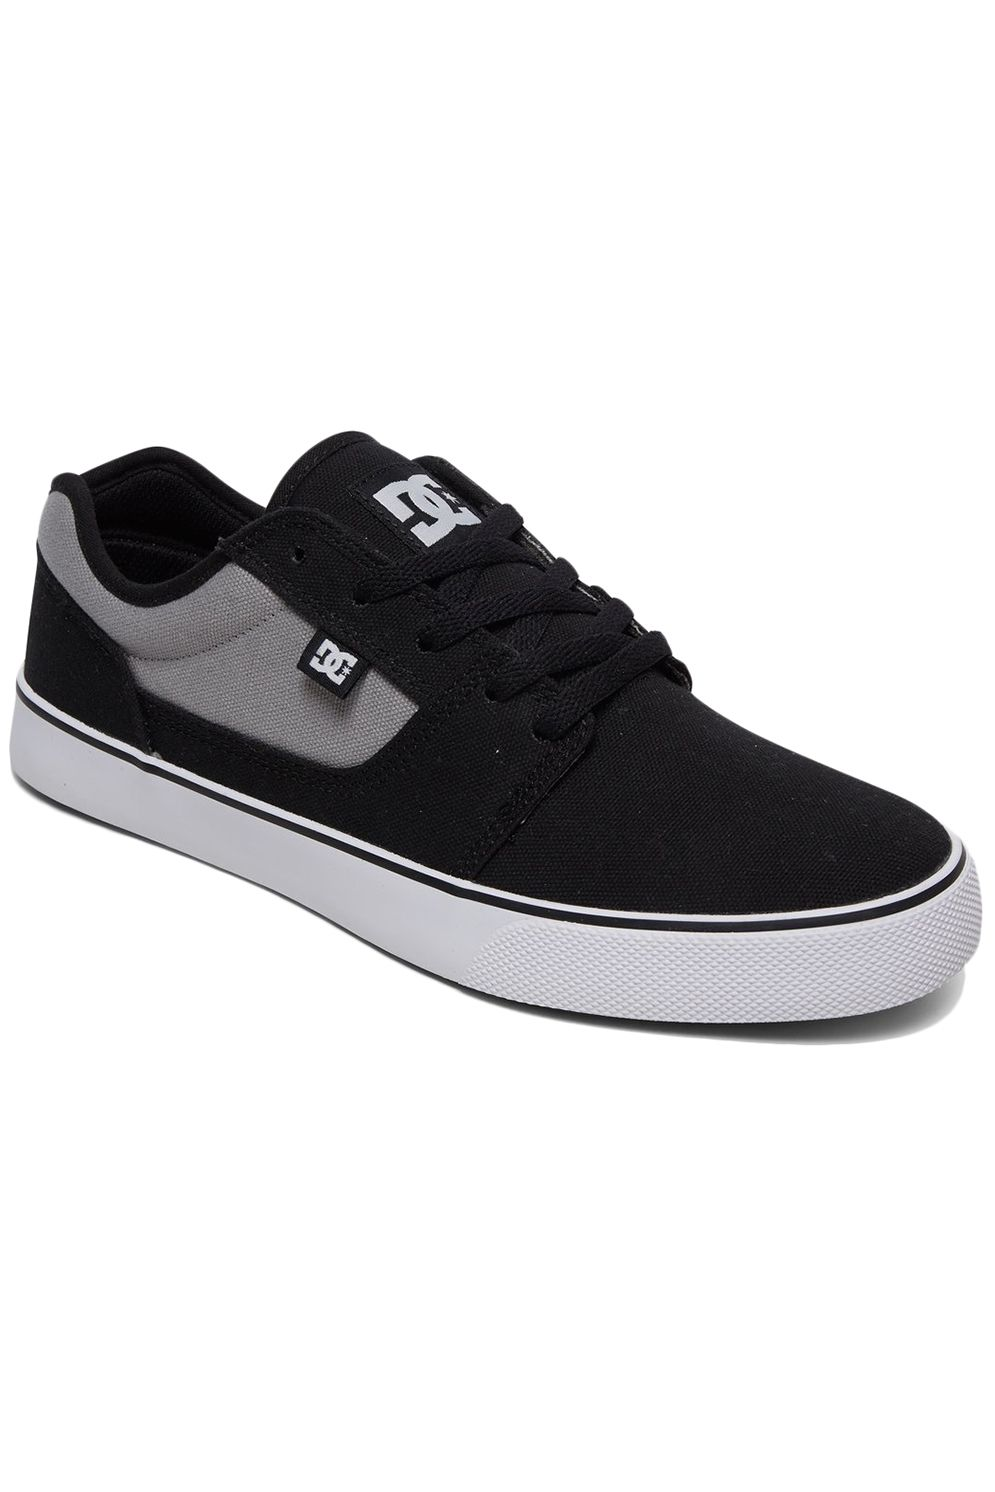 DC Shoes Shoes TONIK TX Black/Grey/White